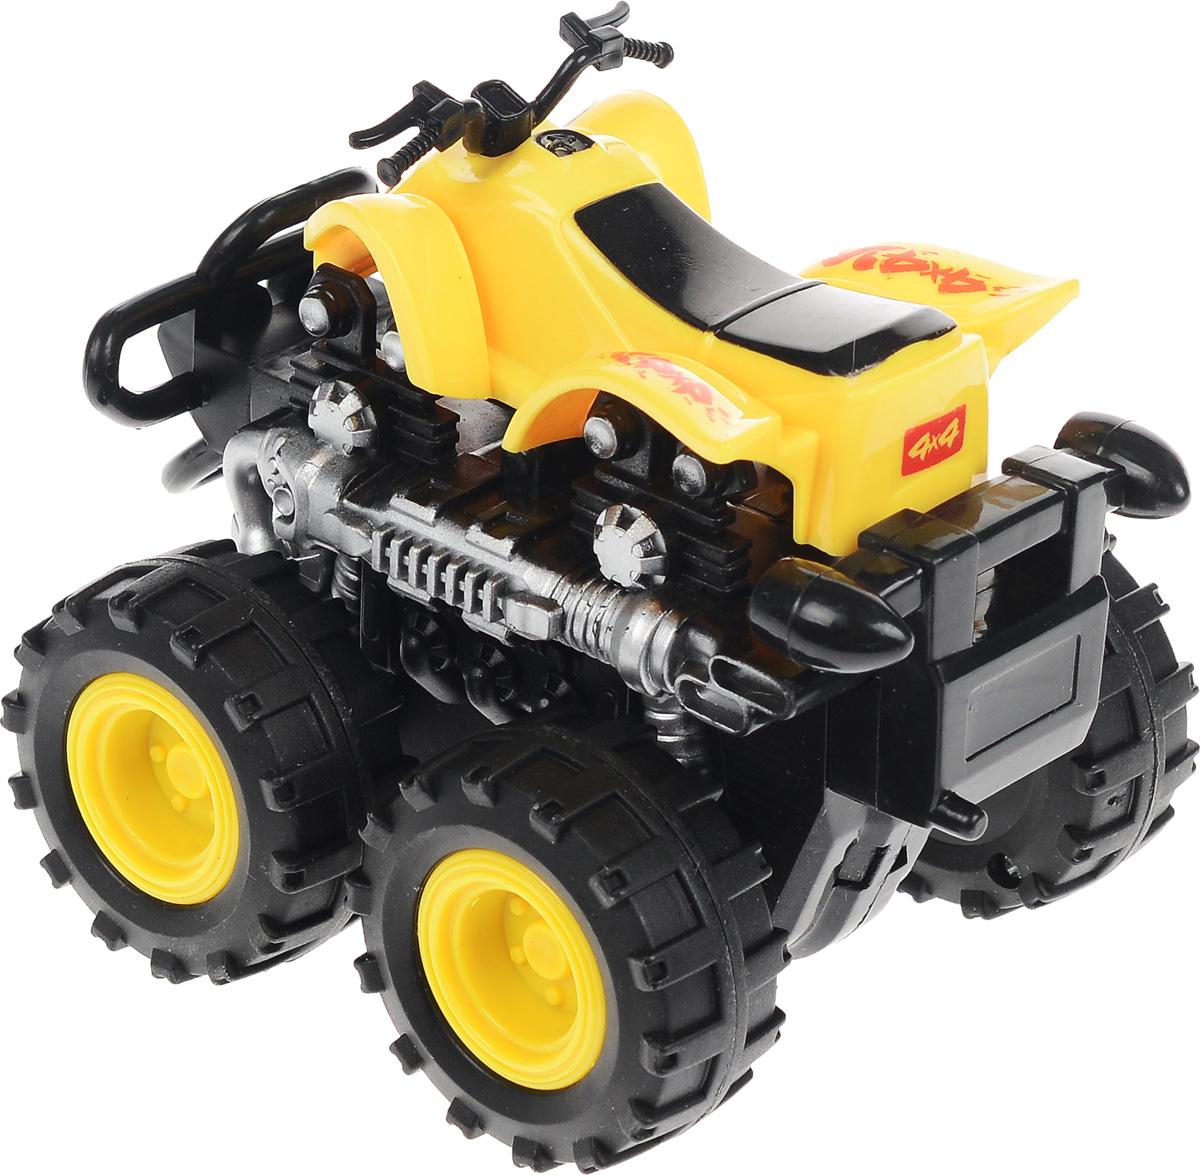 Big Motors Квадроцикл инерционный 4 WD цвет желтый